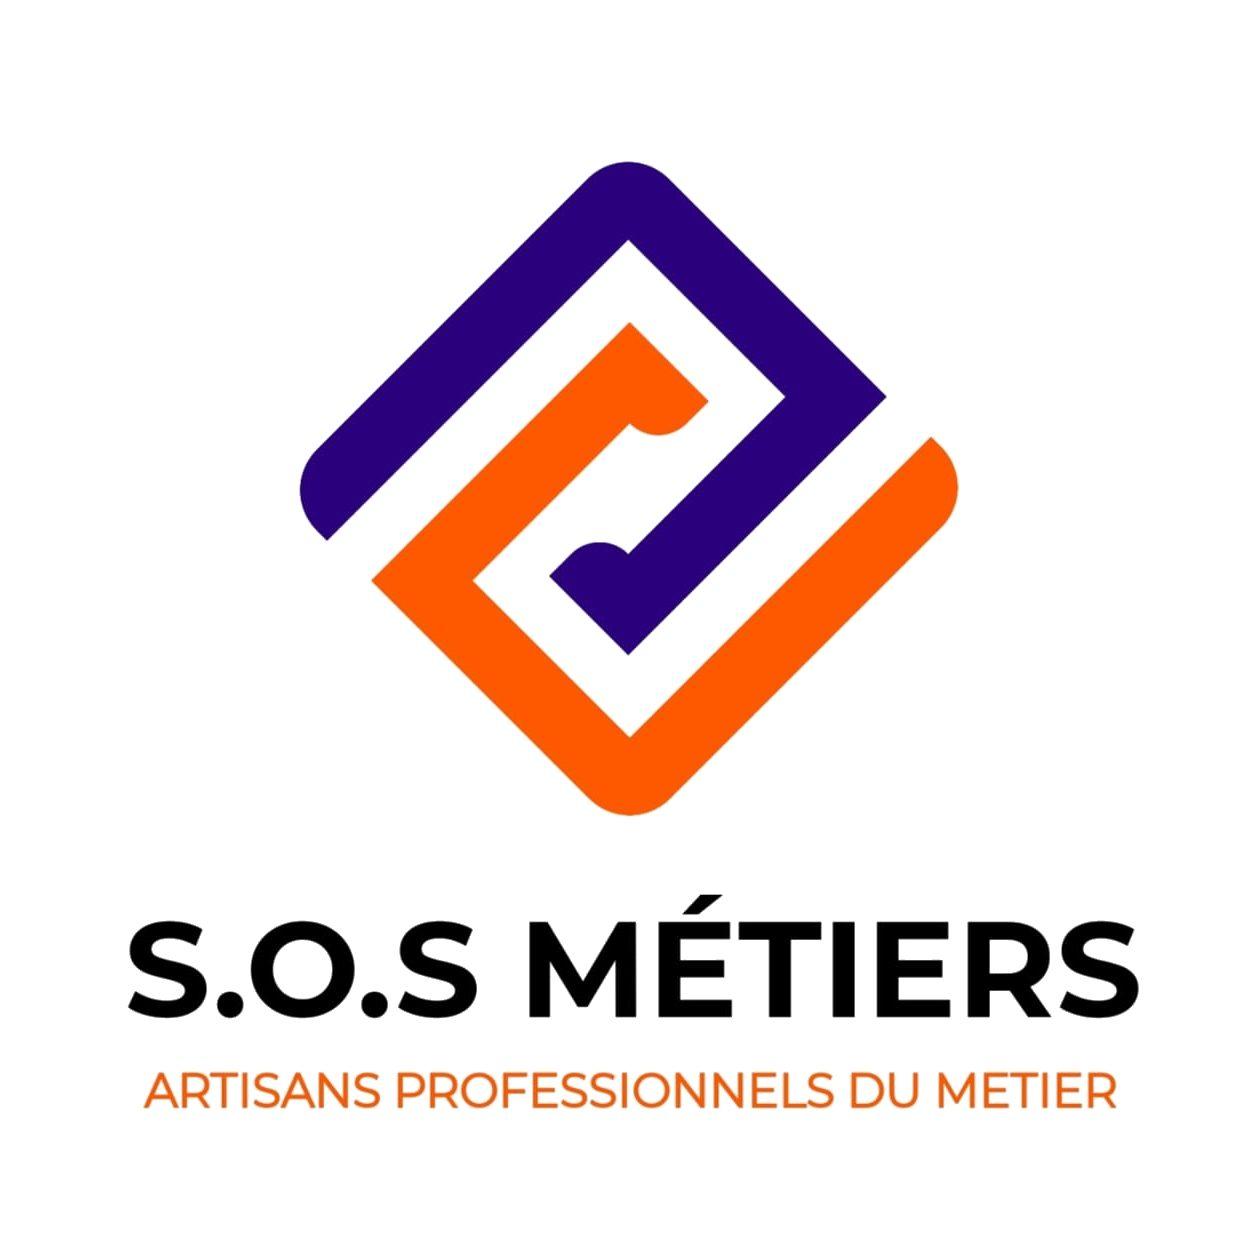 S.O.S Métiers